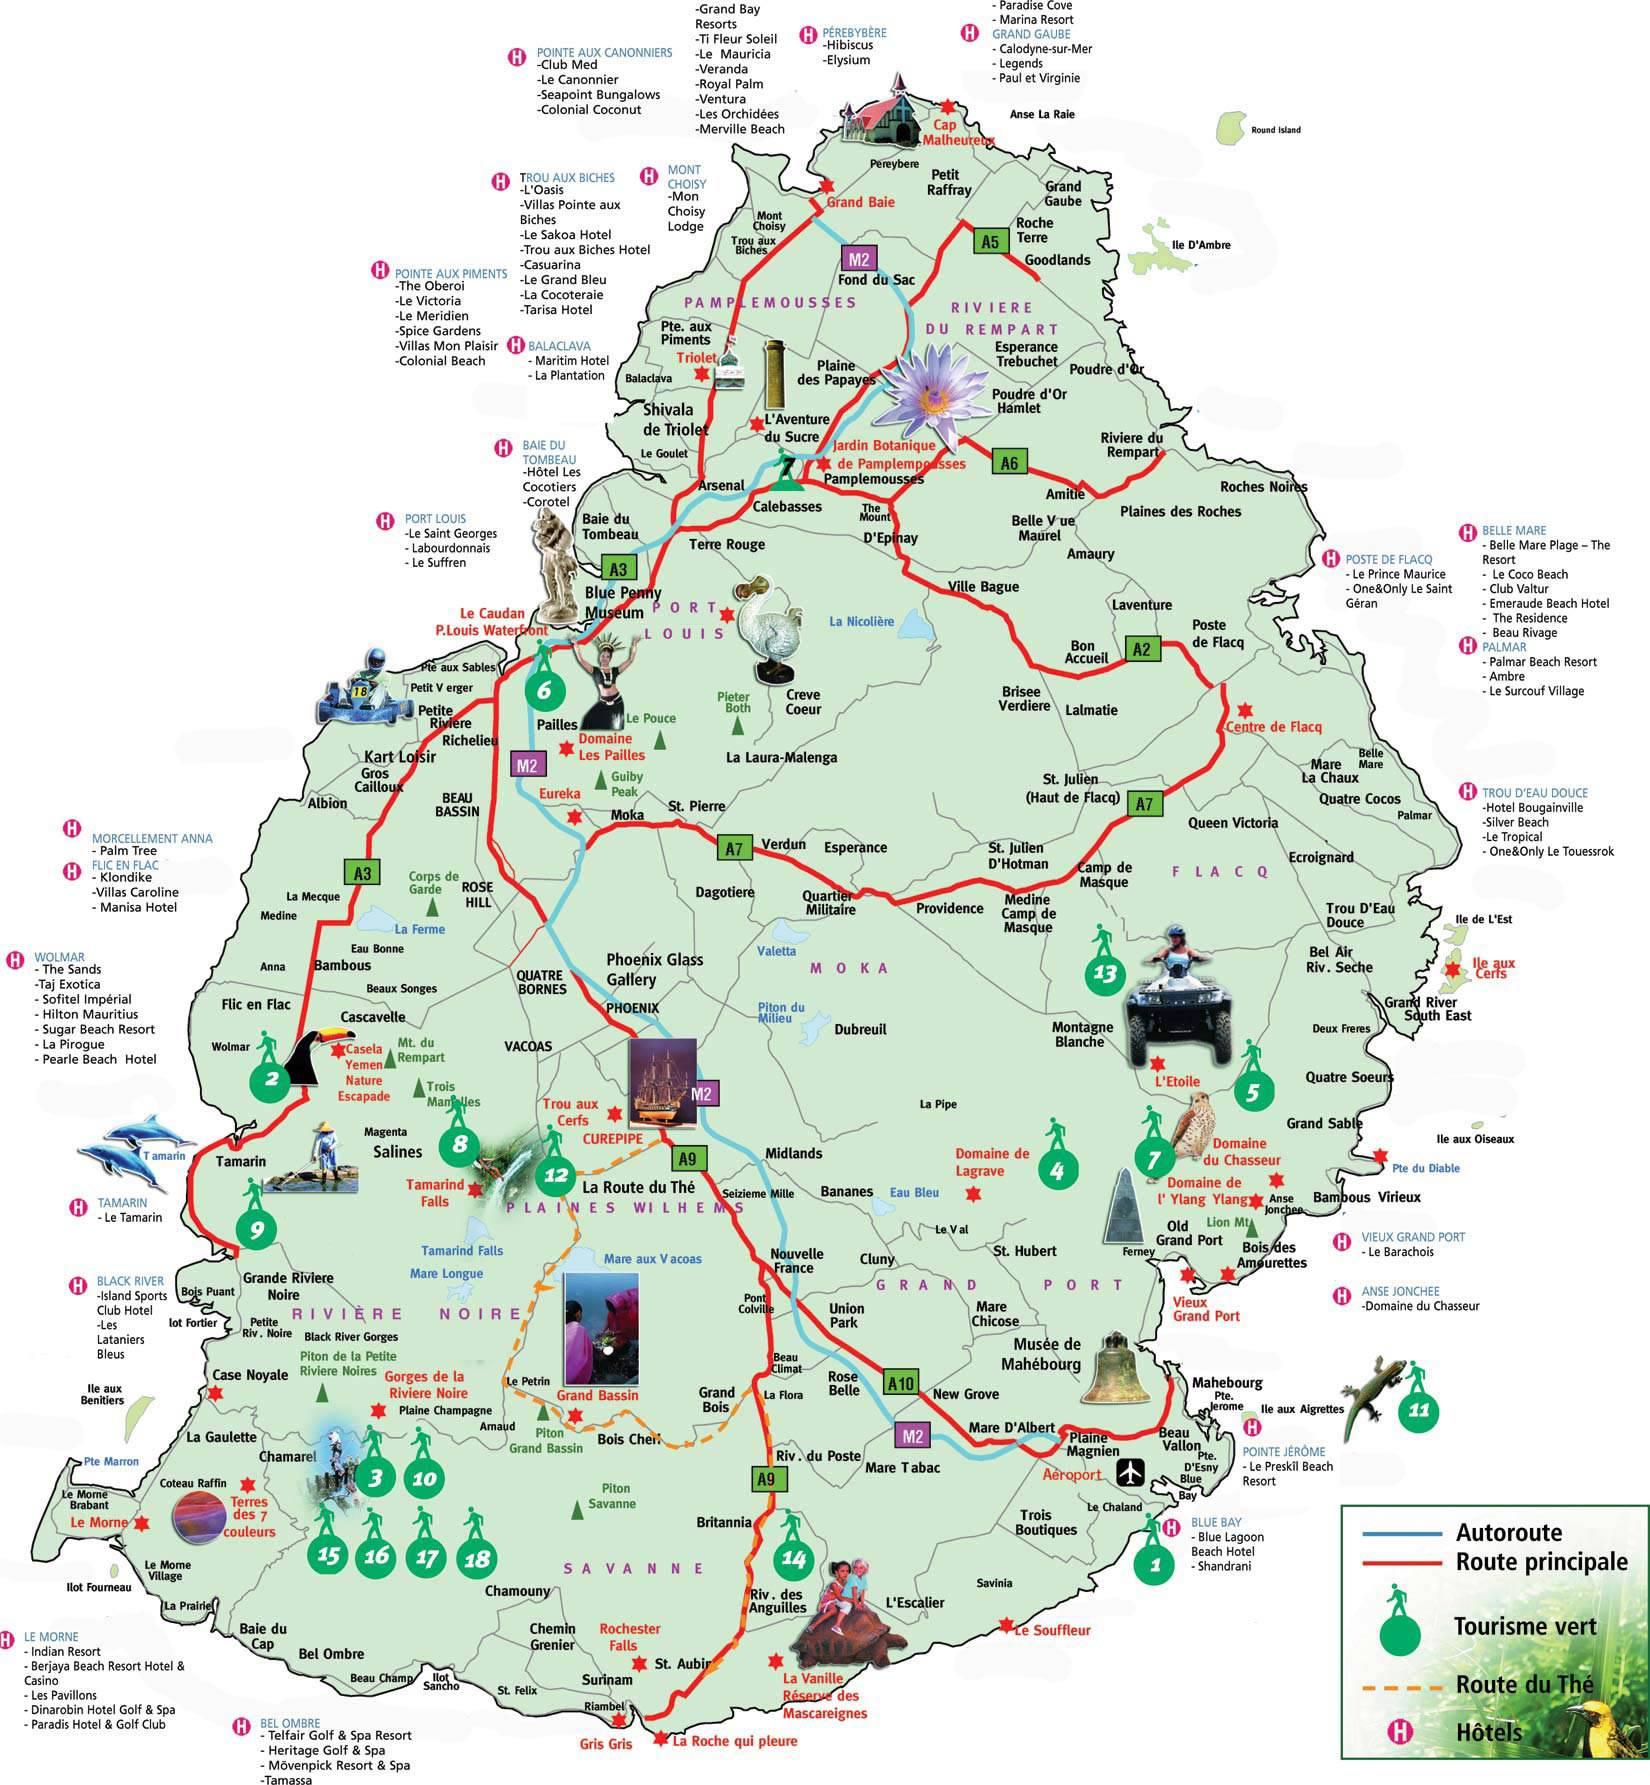 Carte touristique de l'Île Maurice